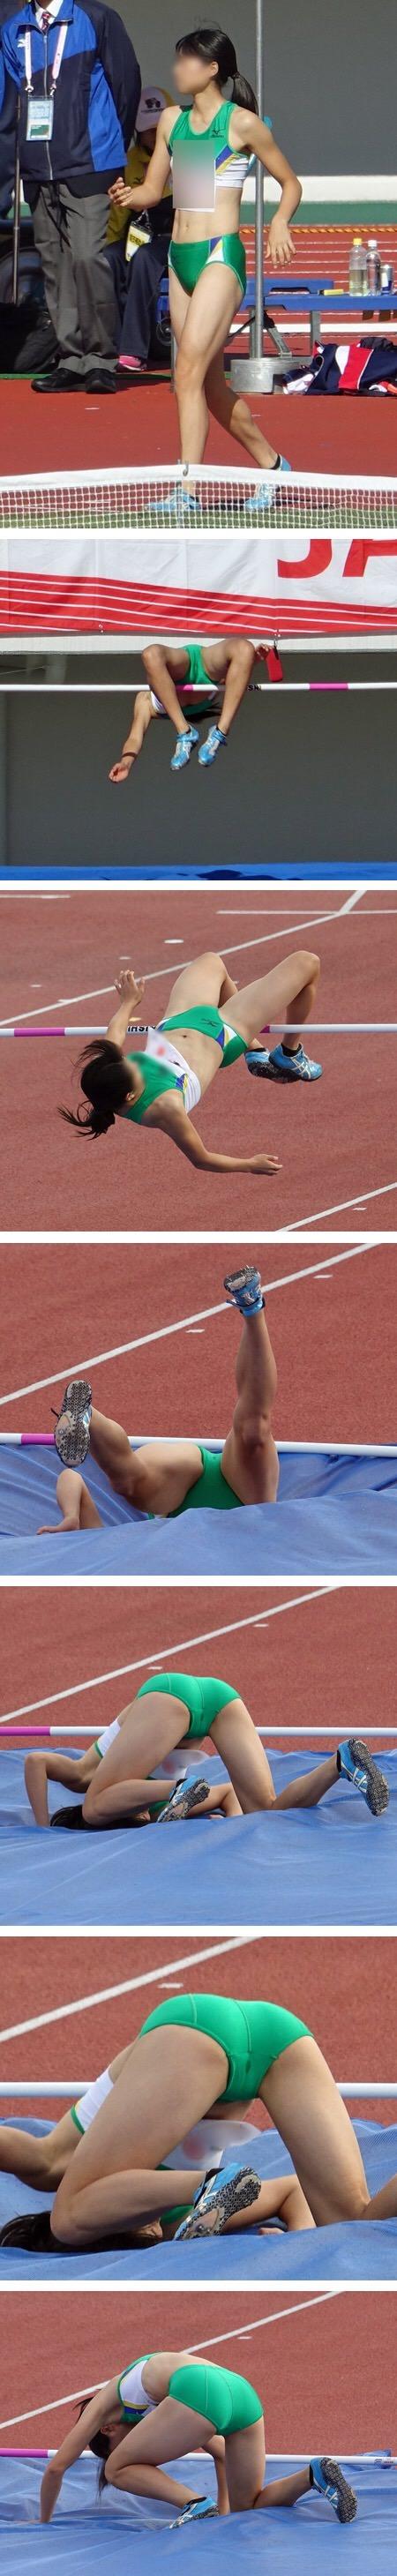 スポーツする女の子のクッソエロい画像をくださいwwwwww GX3tlEw